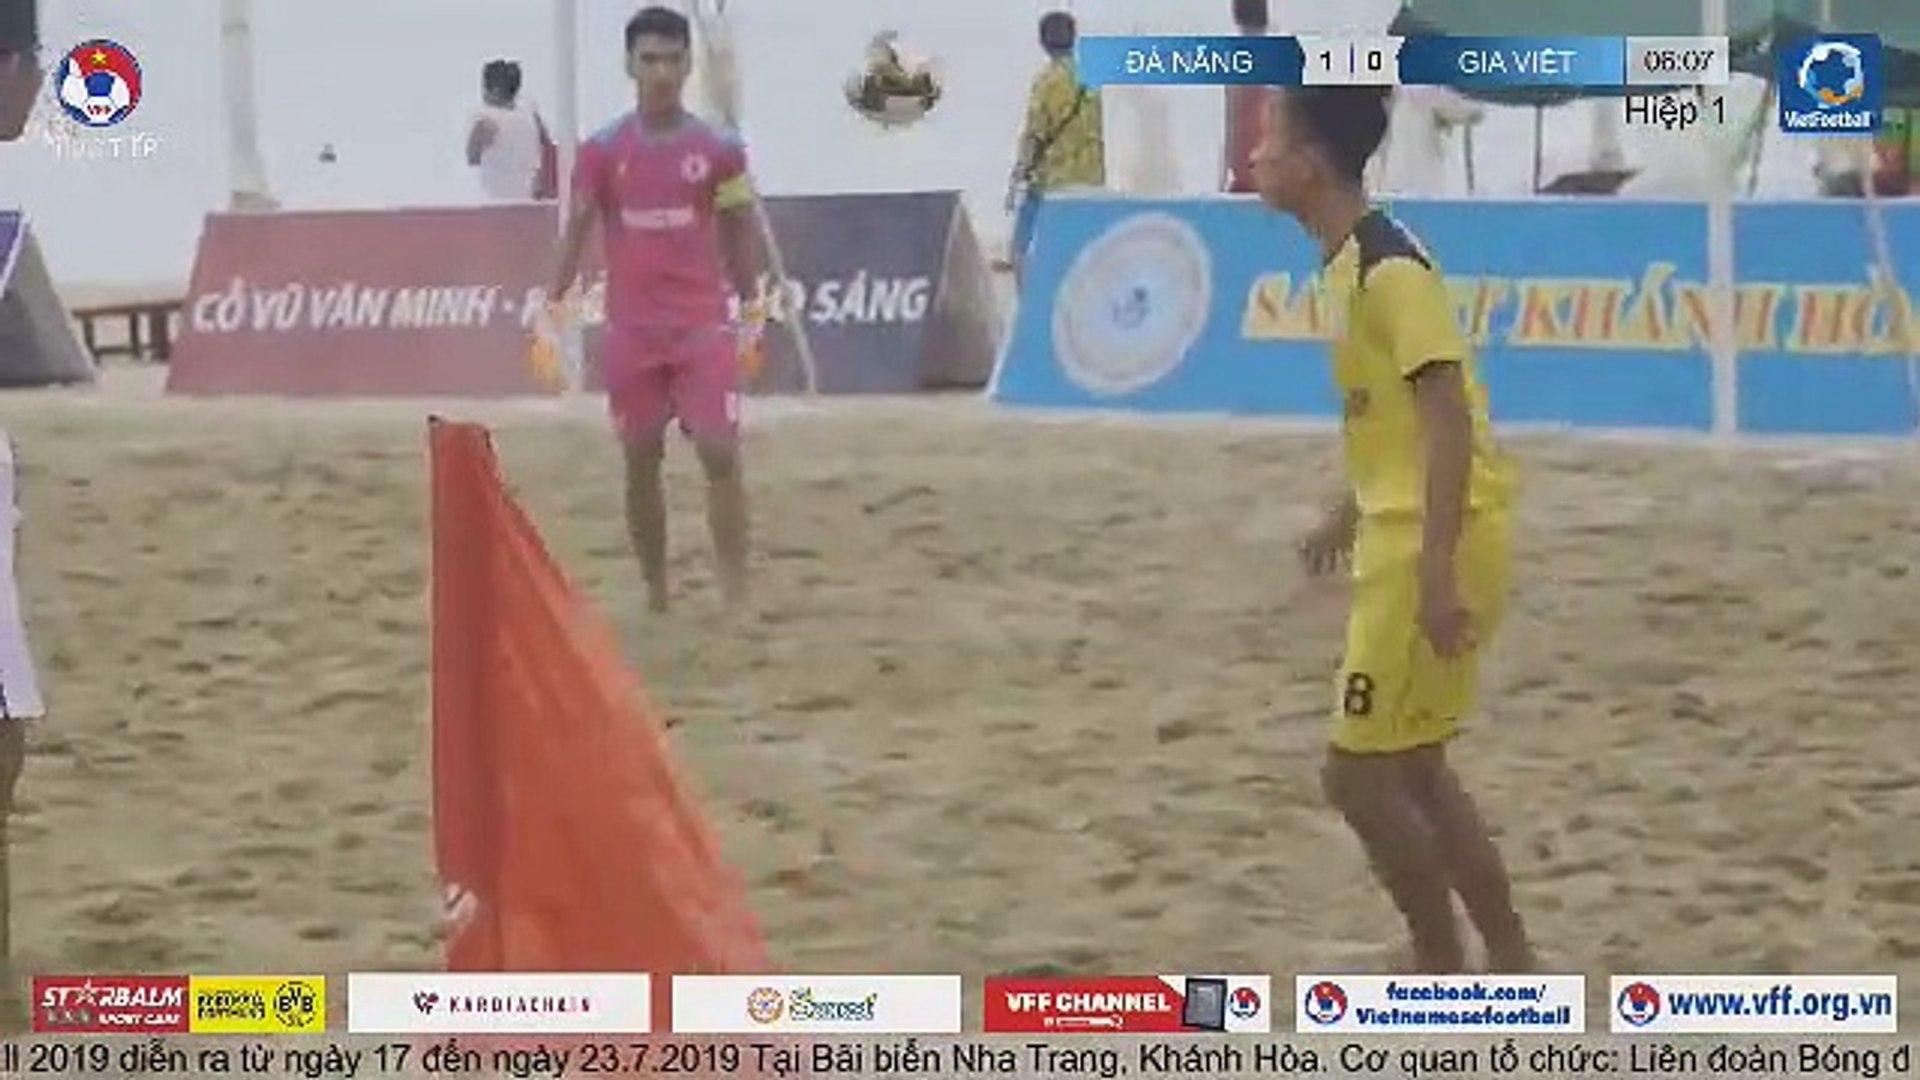 TRỰC TIẾP | Đà Nẵng - Gia Việt | Giải bóng đá Bãi biển Vô địch Quốc gia | VFF Channel